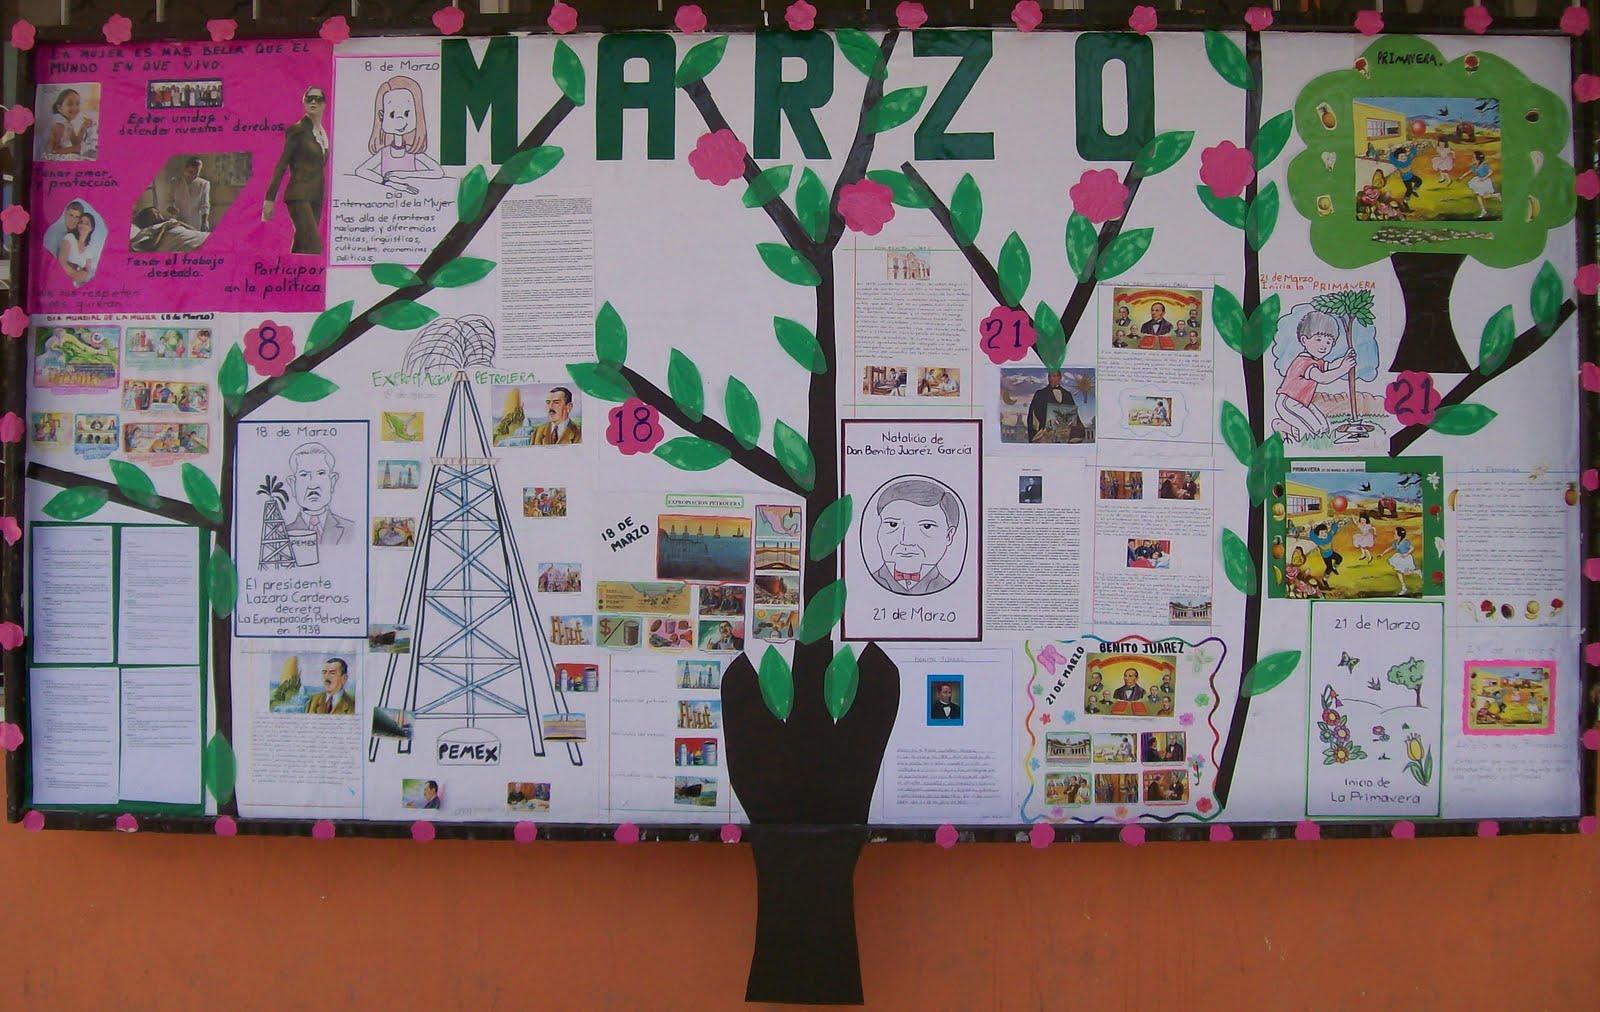 Peri dico mural marzo 8 imagenes educativas for Avisos de ocasion el mural